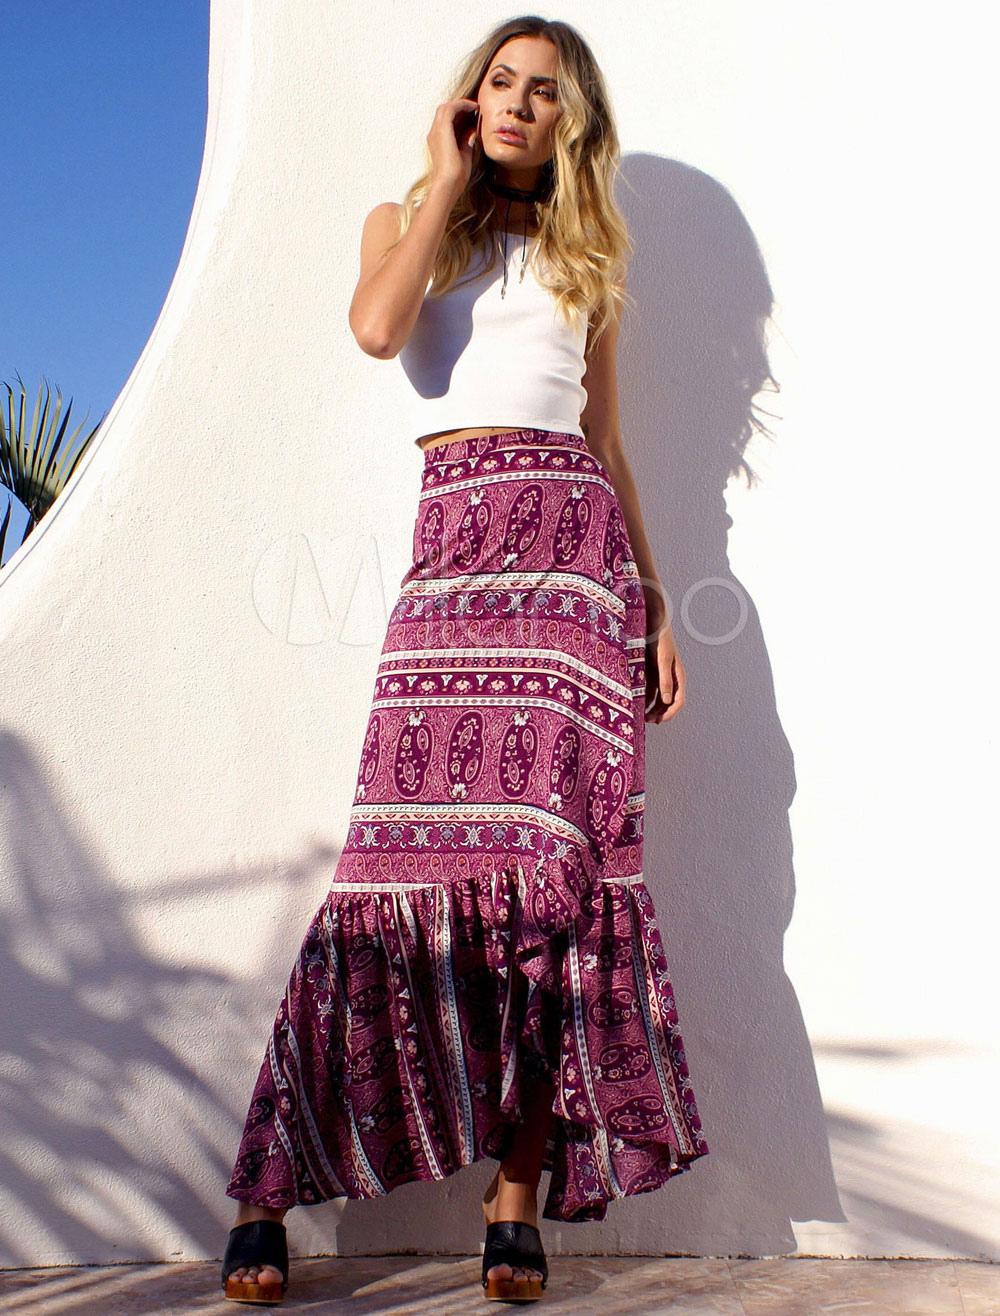 Boho Maxi Skirt Rose Red Printed Ruffle Cotton Slit Long Skirt For Women